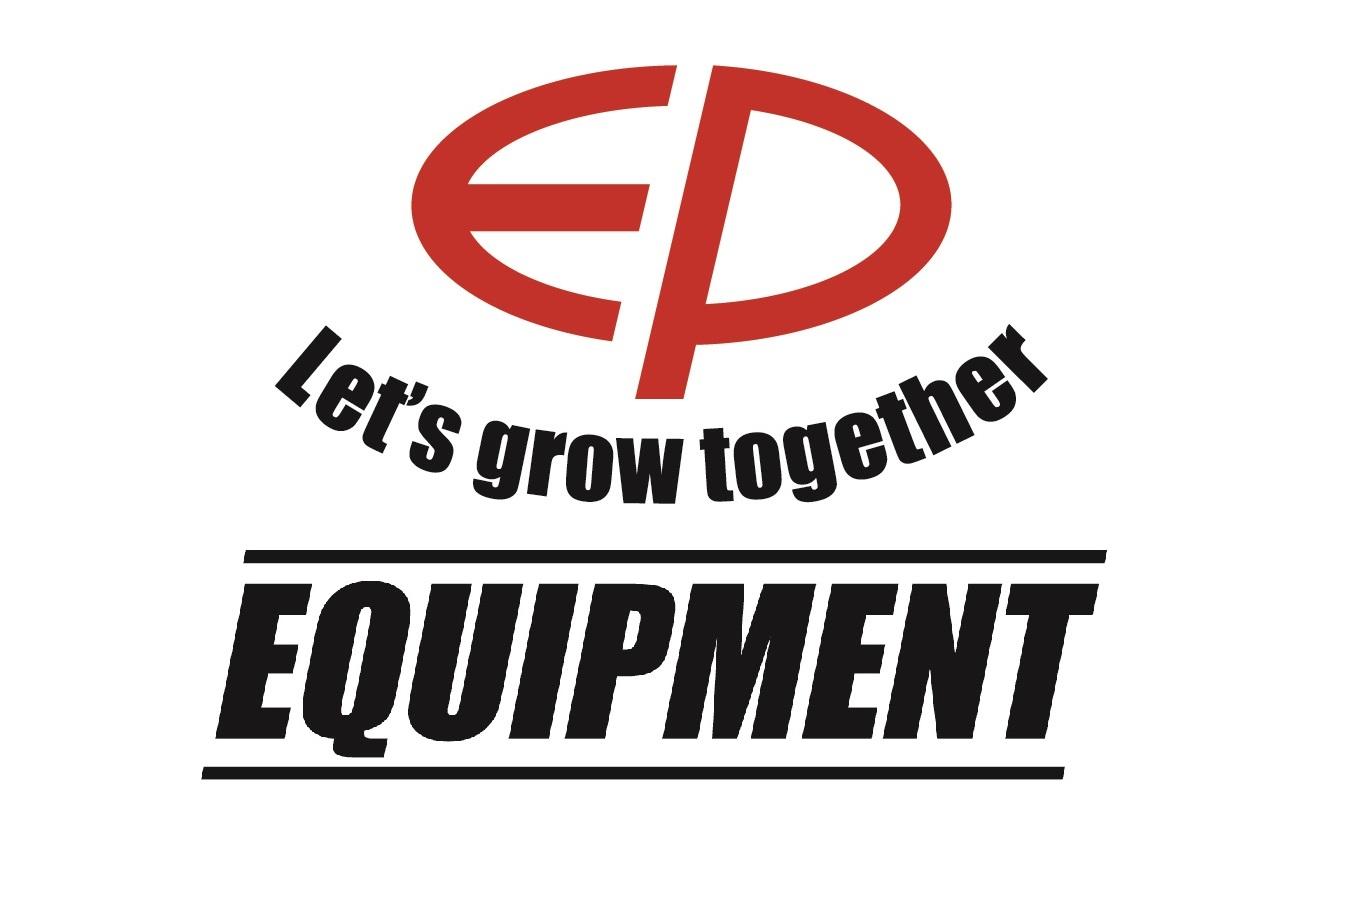 5 EP Equipment